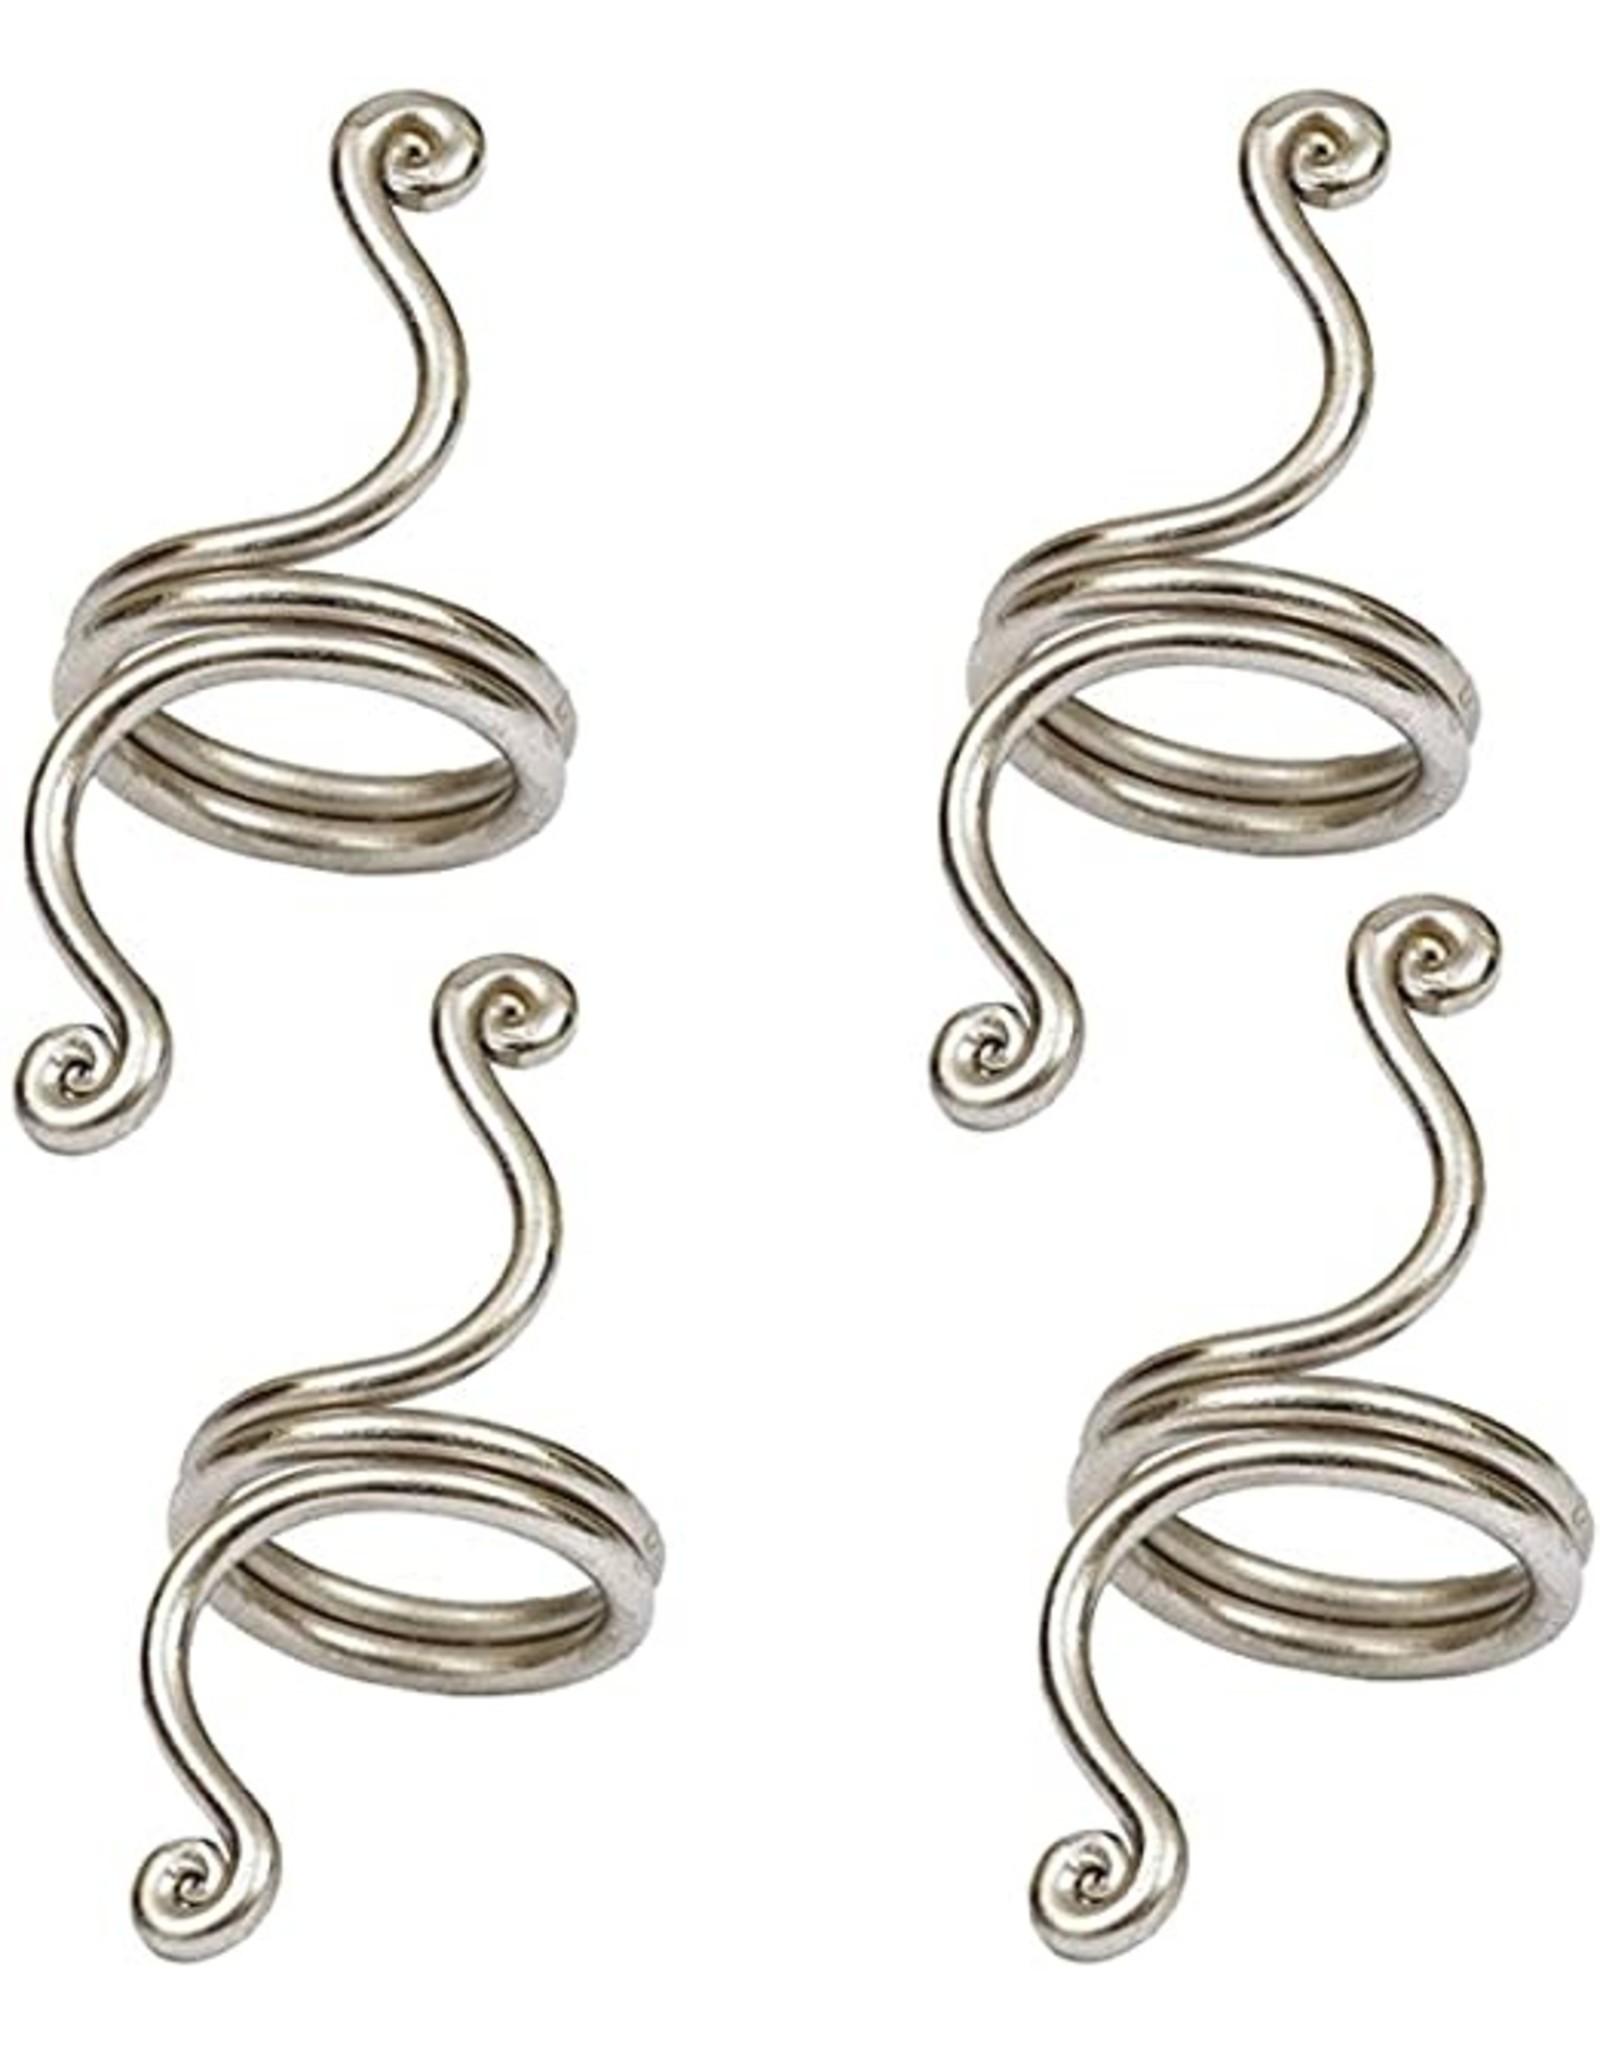 Design Imports DI Silver Twist Napkin Ring